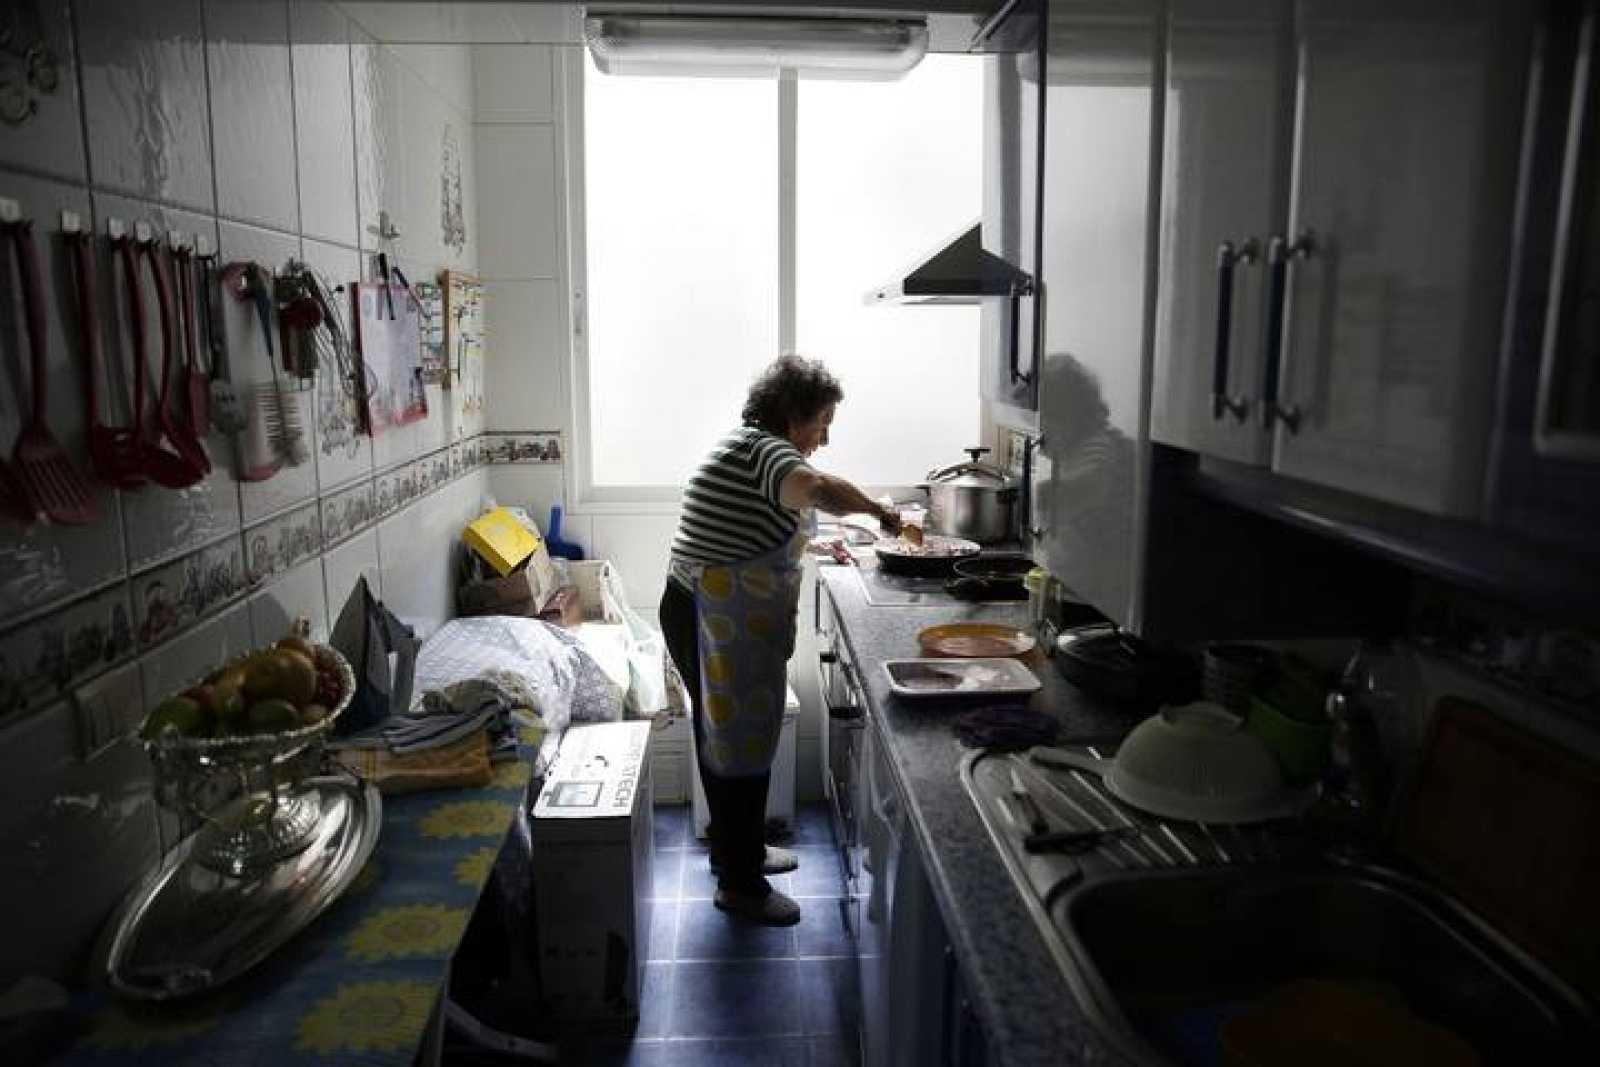 Una pensionista hace la comida y sostiene económicamente a sus hijos